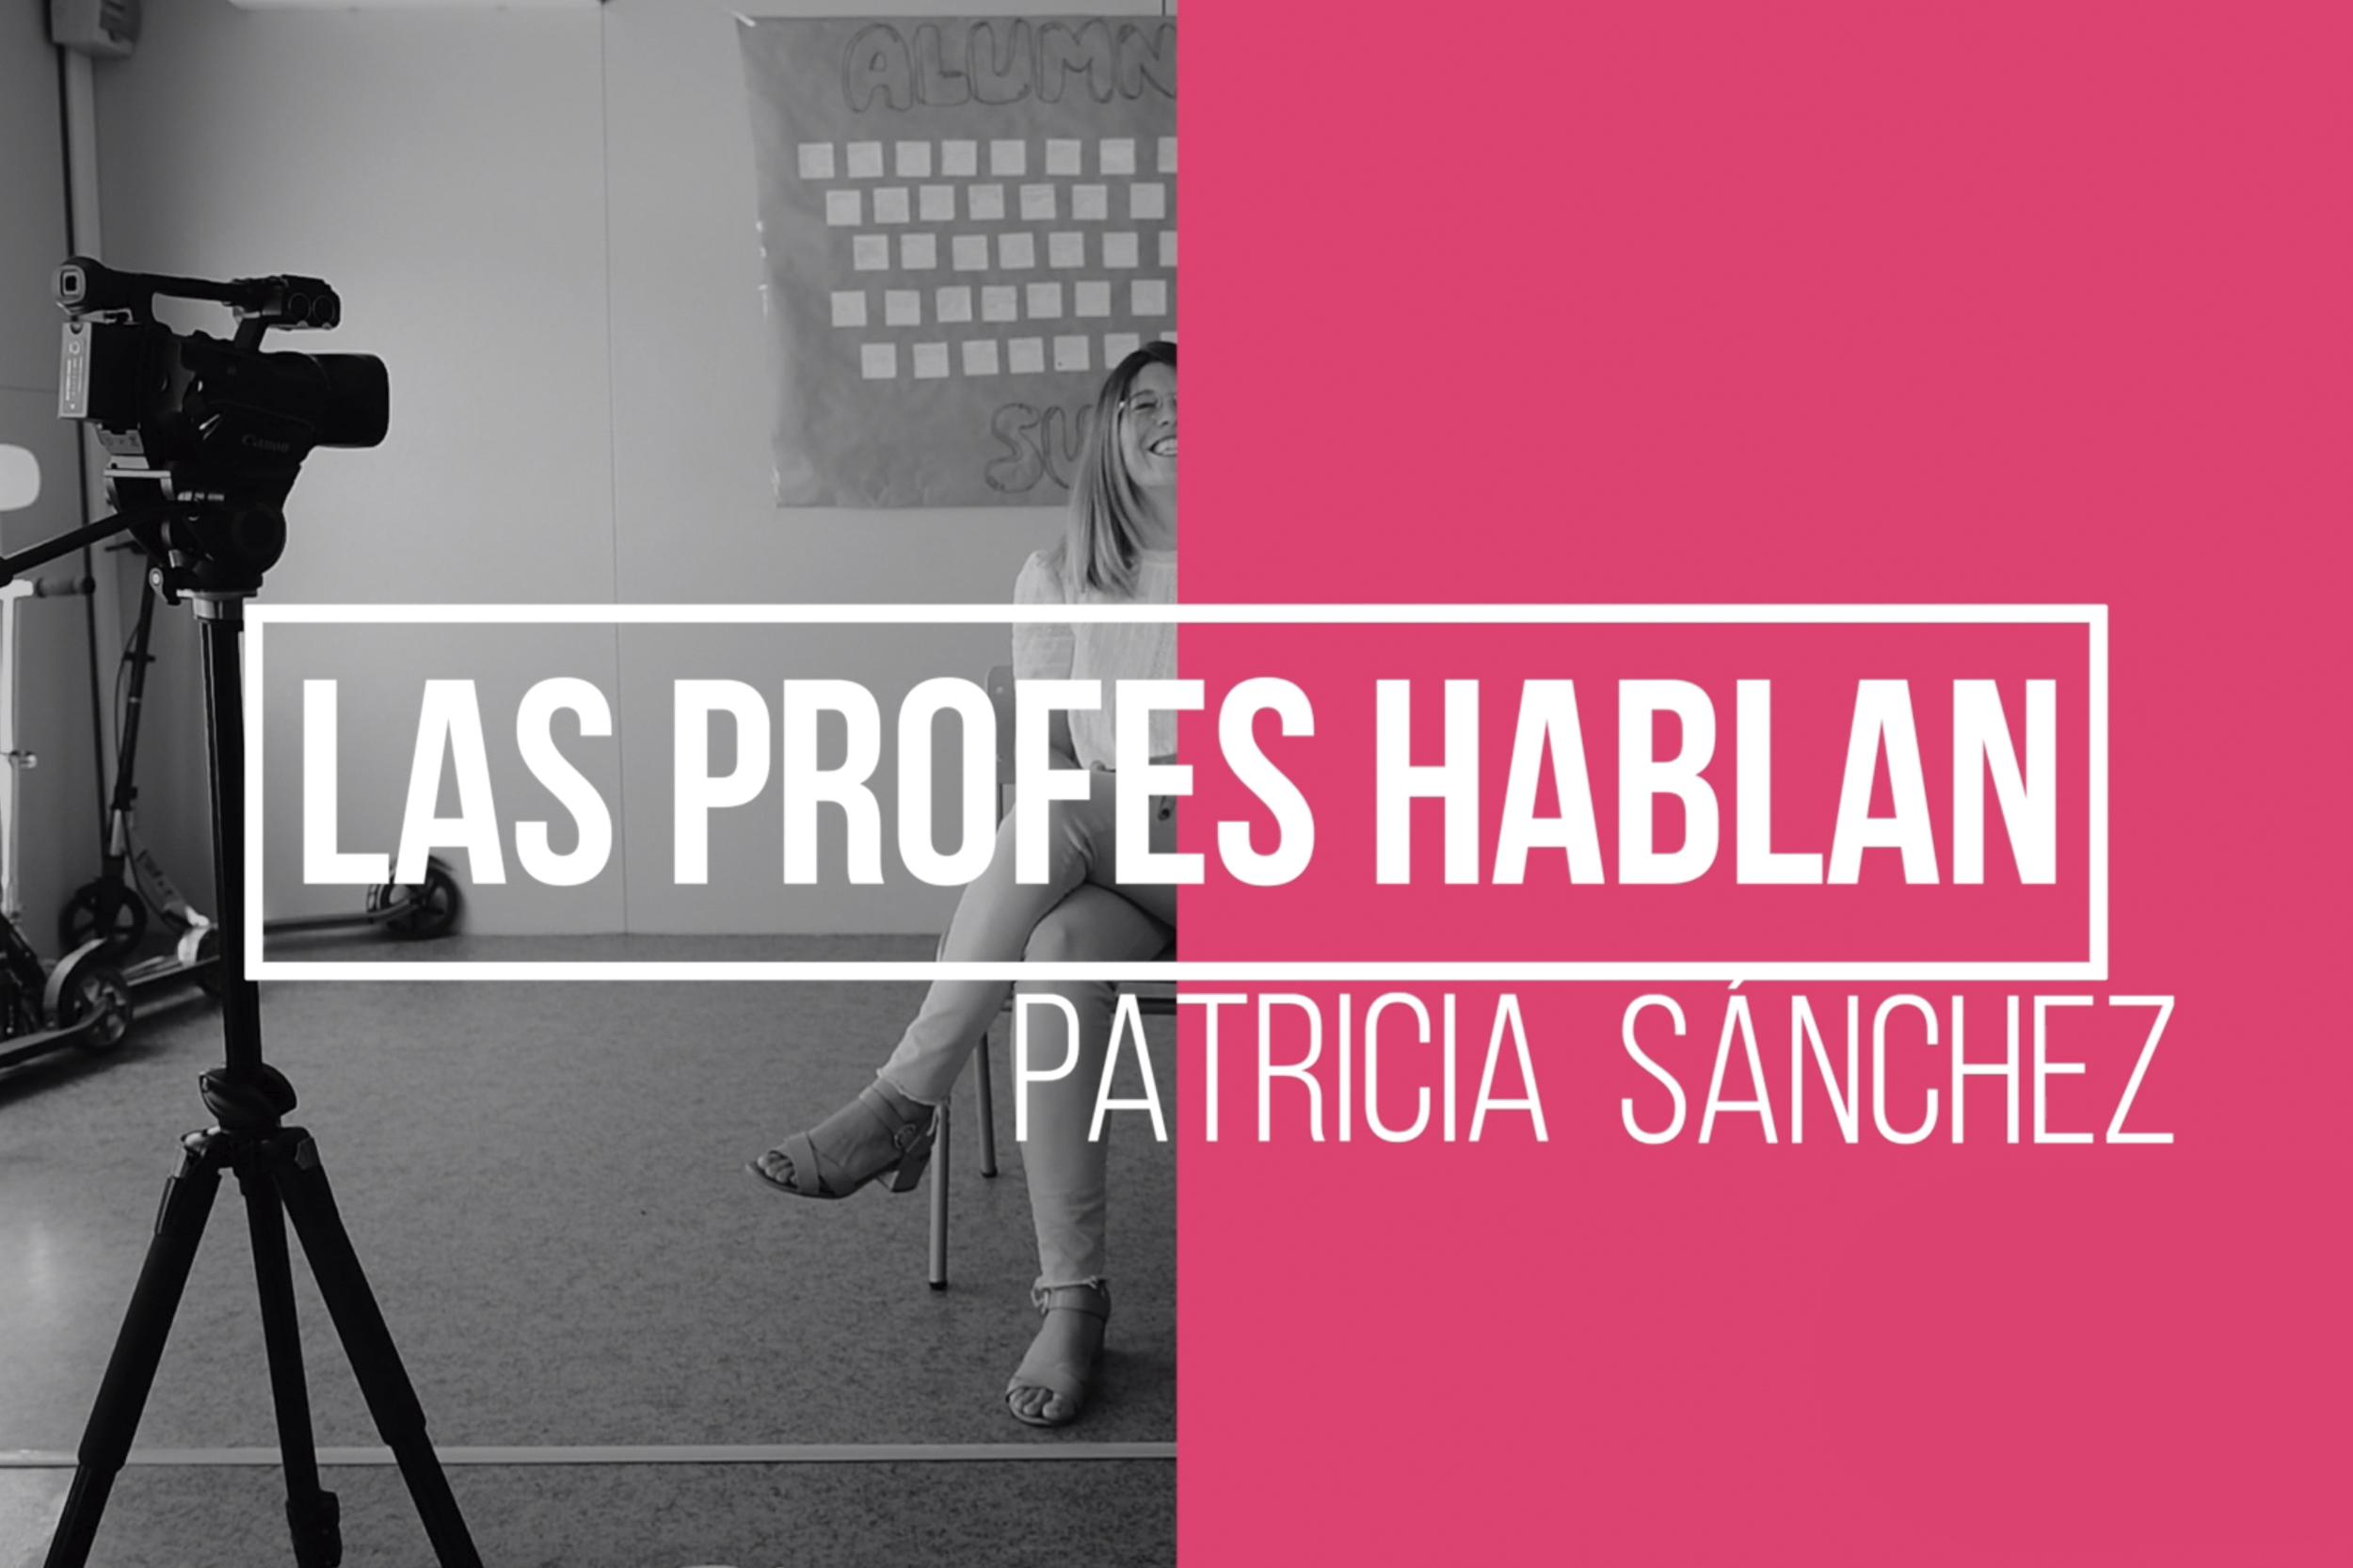 Las Profes Hablan: Patricia Sánchez Badajoz. IESO nº 1 Olías del Rey